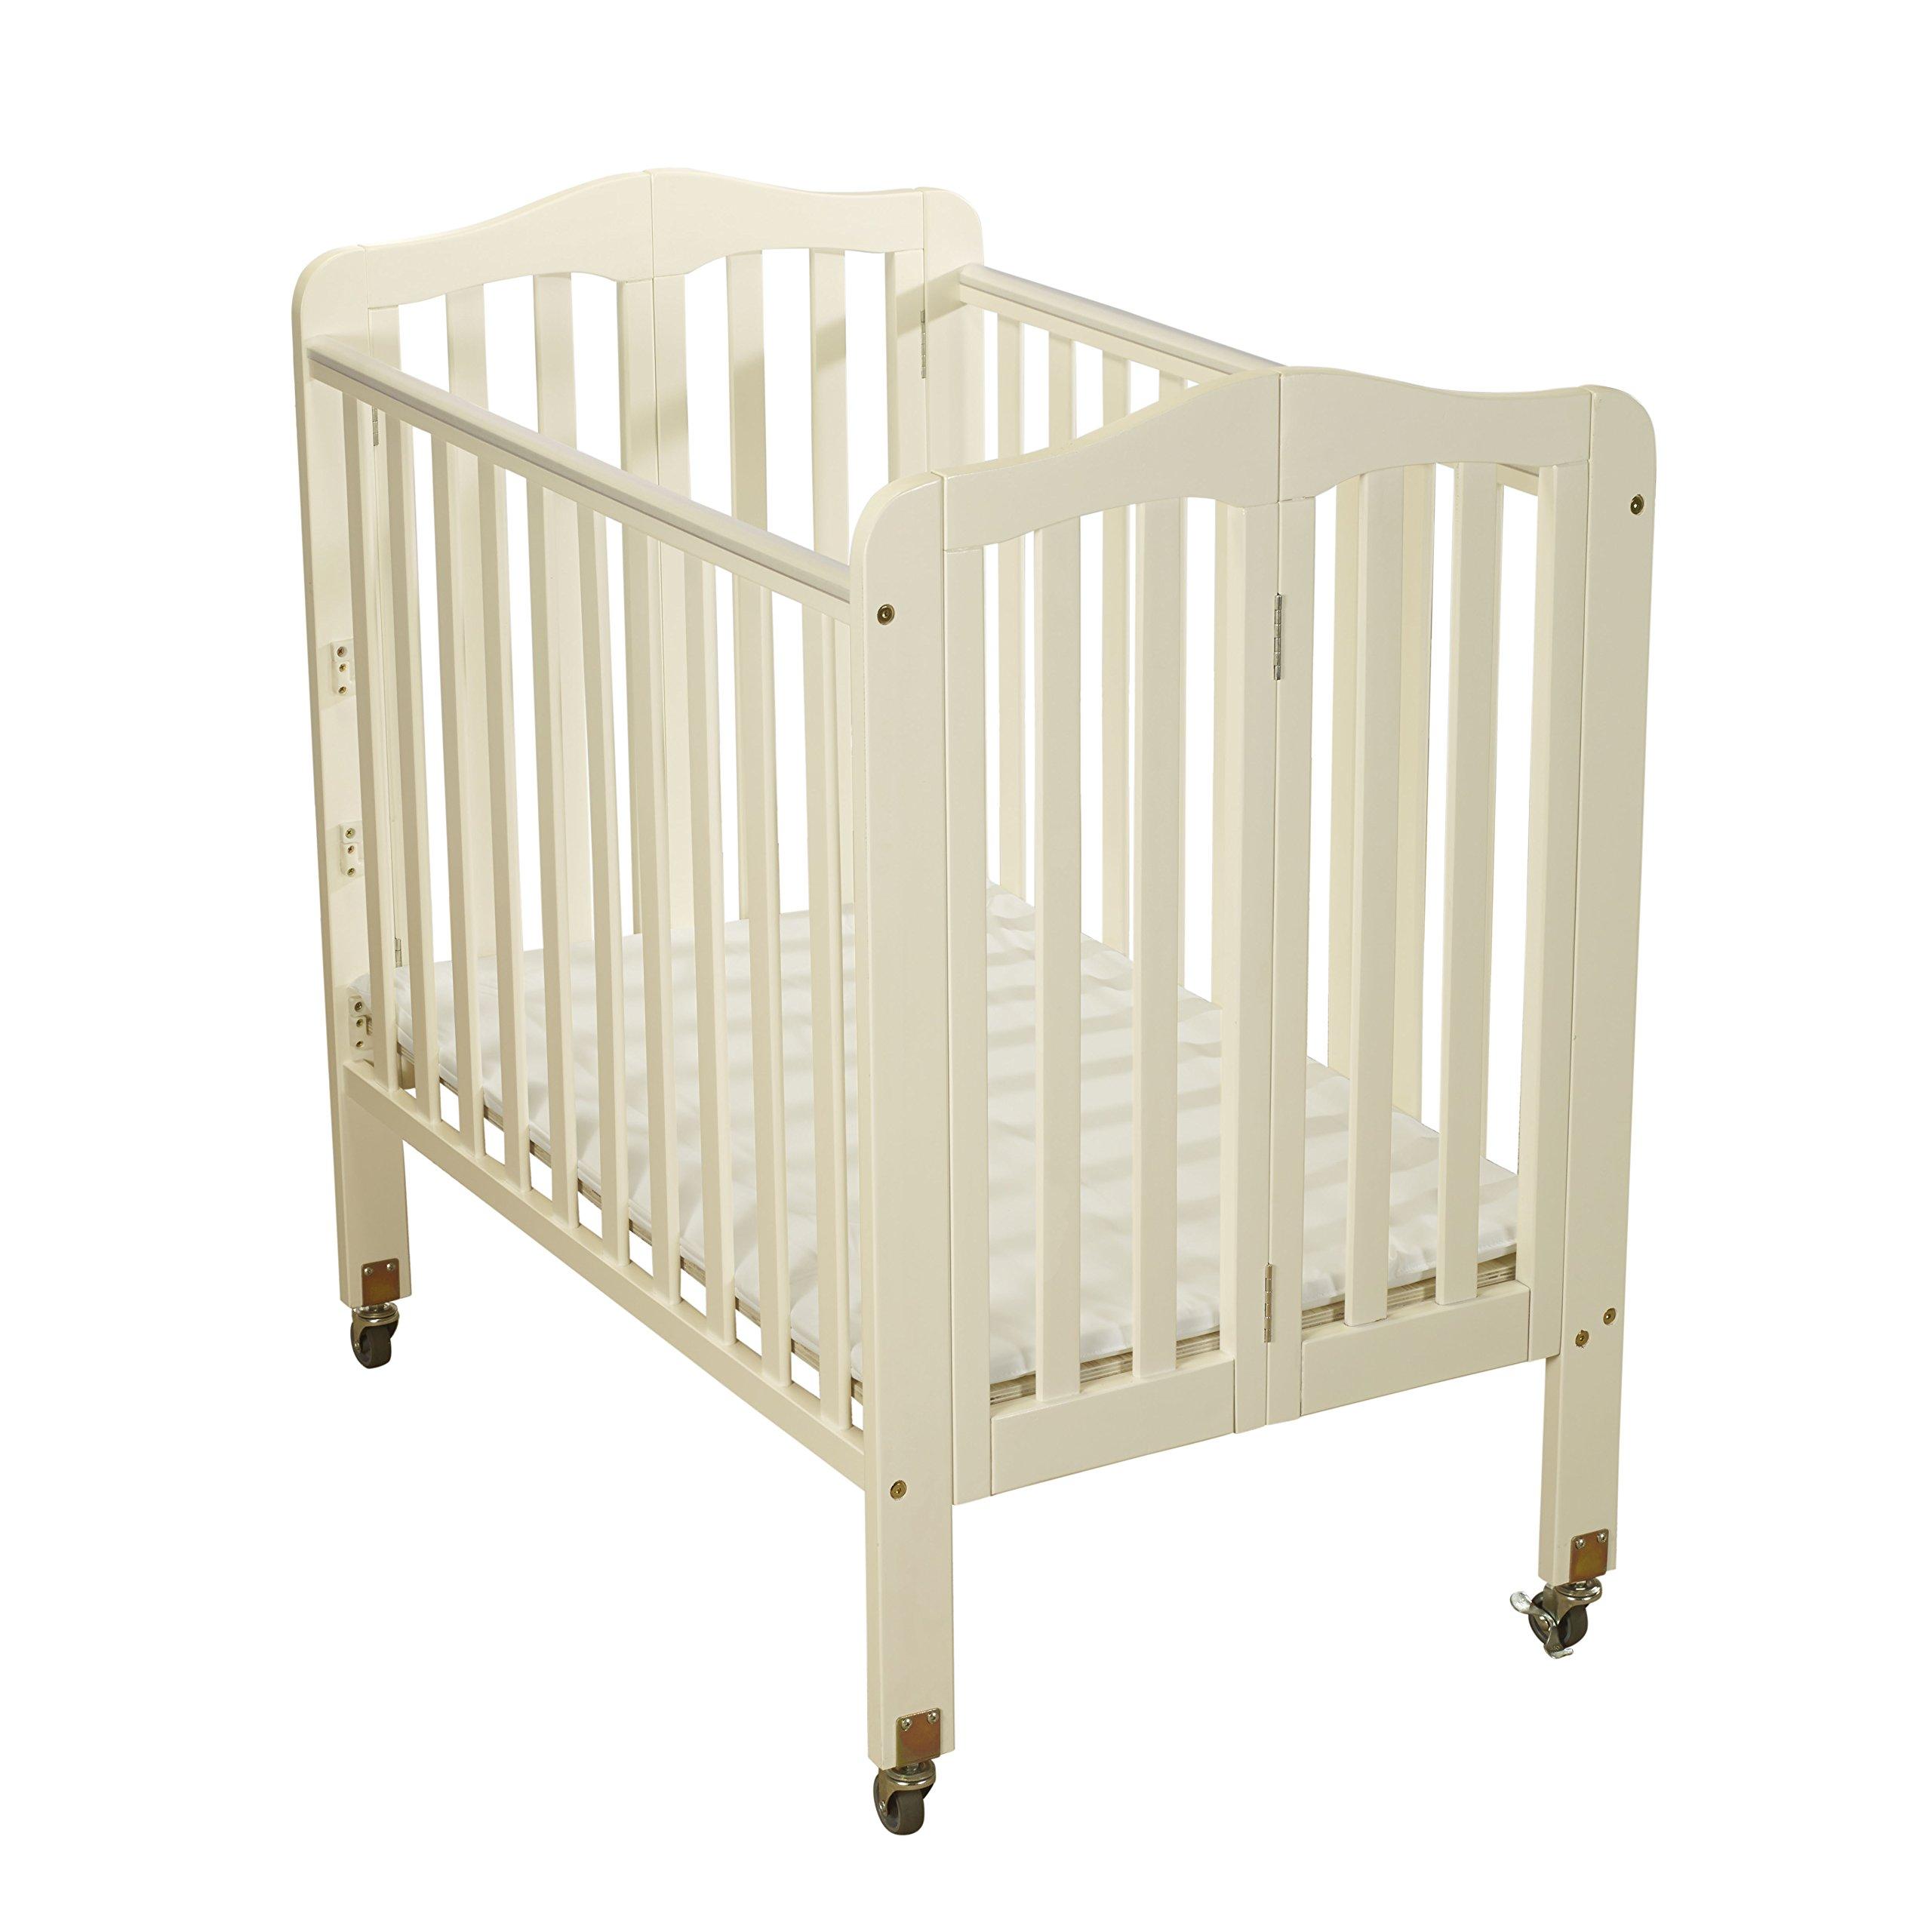 Big Oshi Angela 3 Position Portable Adjustable Crib Foldable & Space Saving Baby Crib - French White